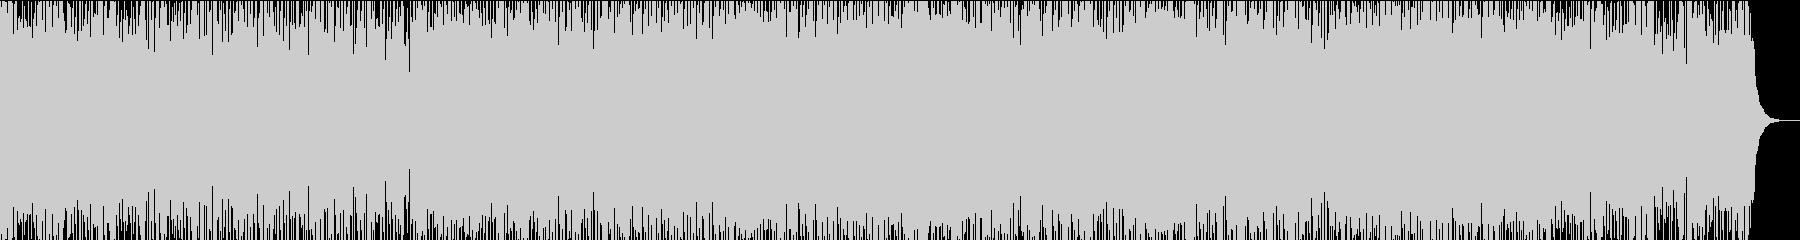 電子の海をイメージしたEDMの未再生の波形